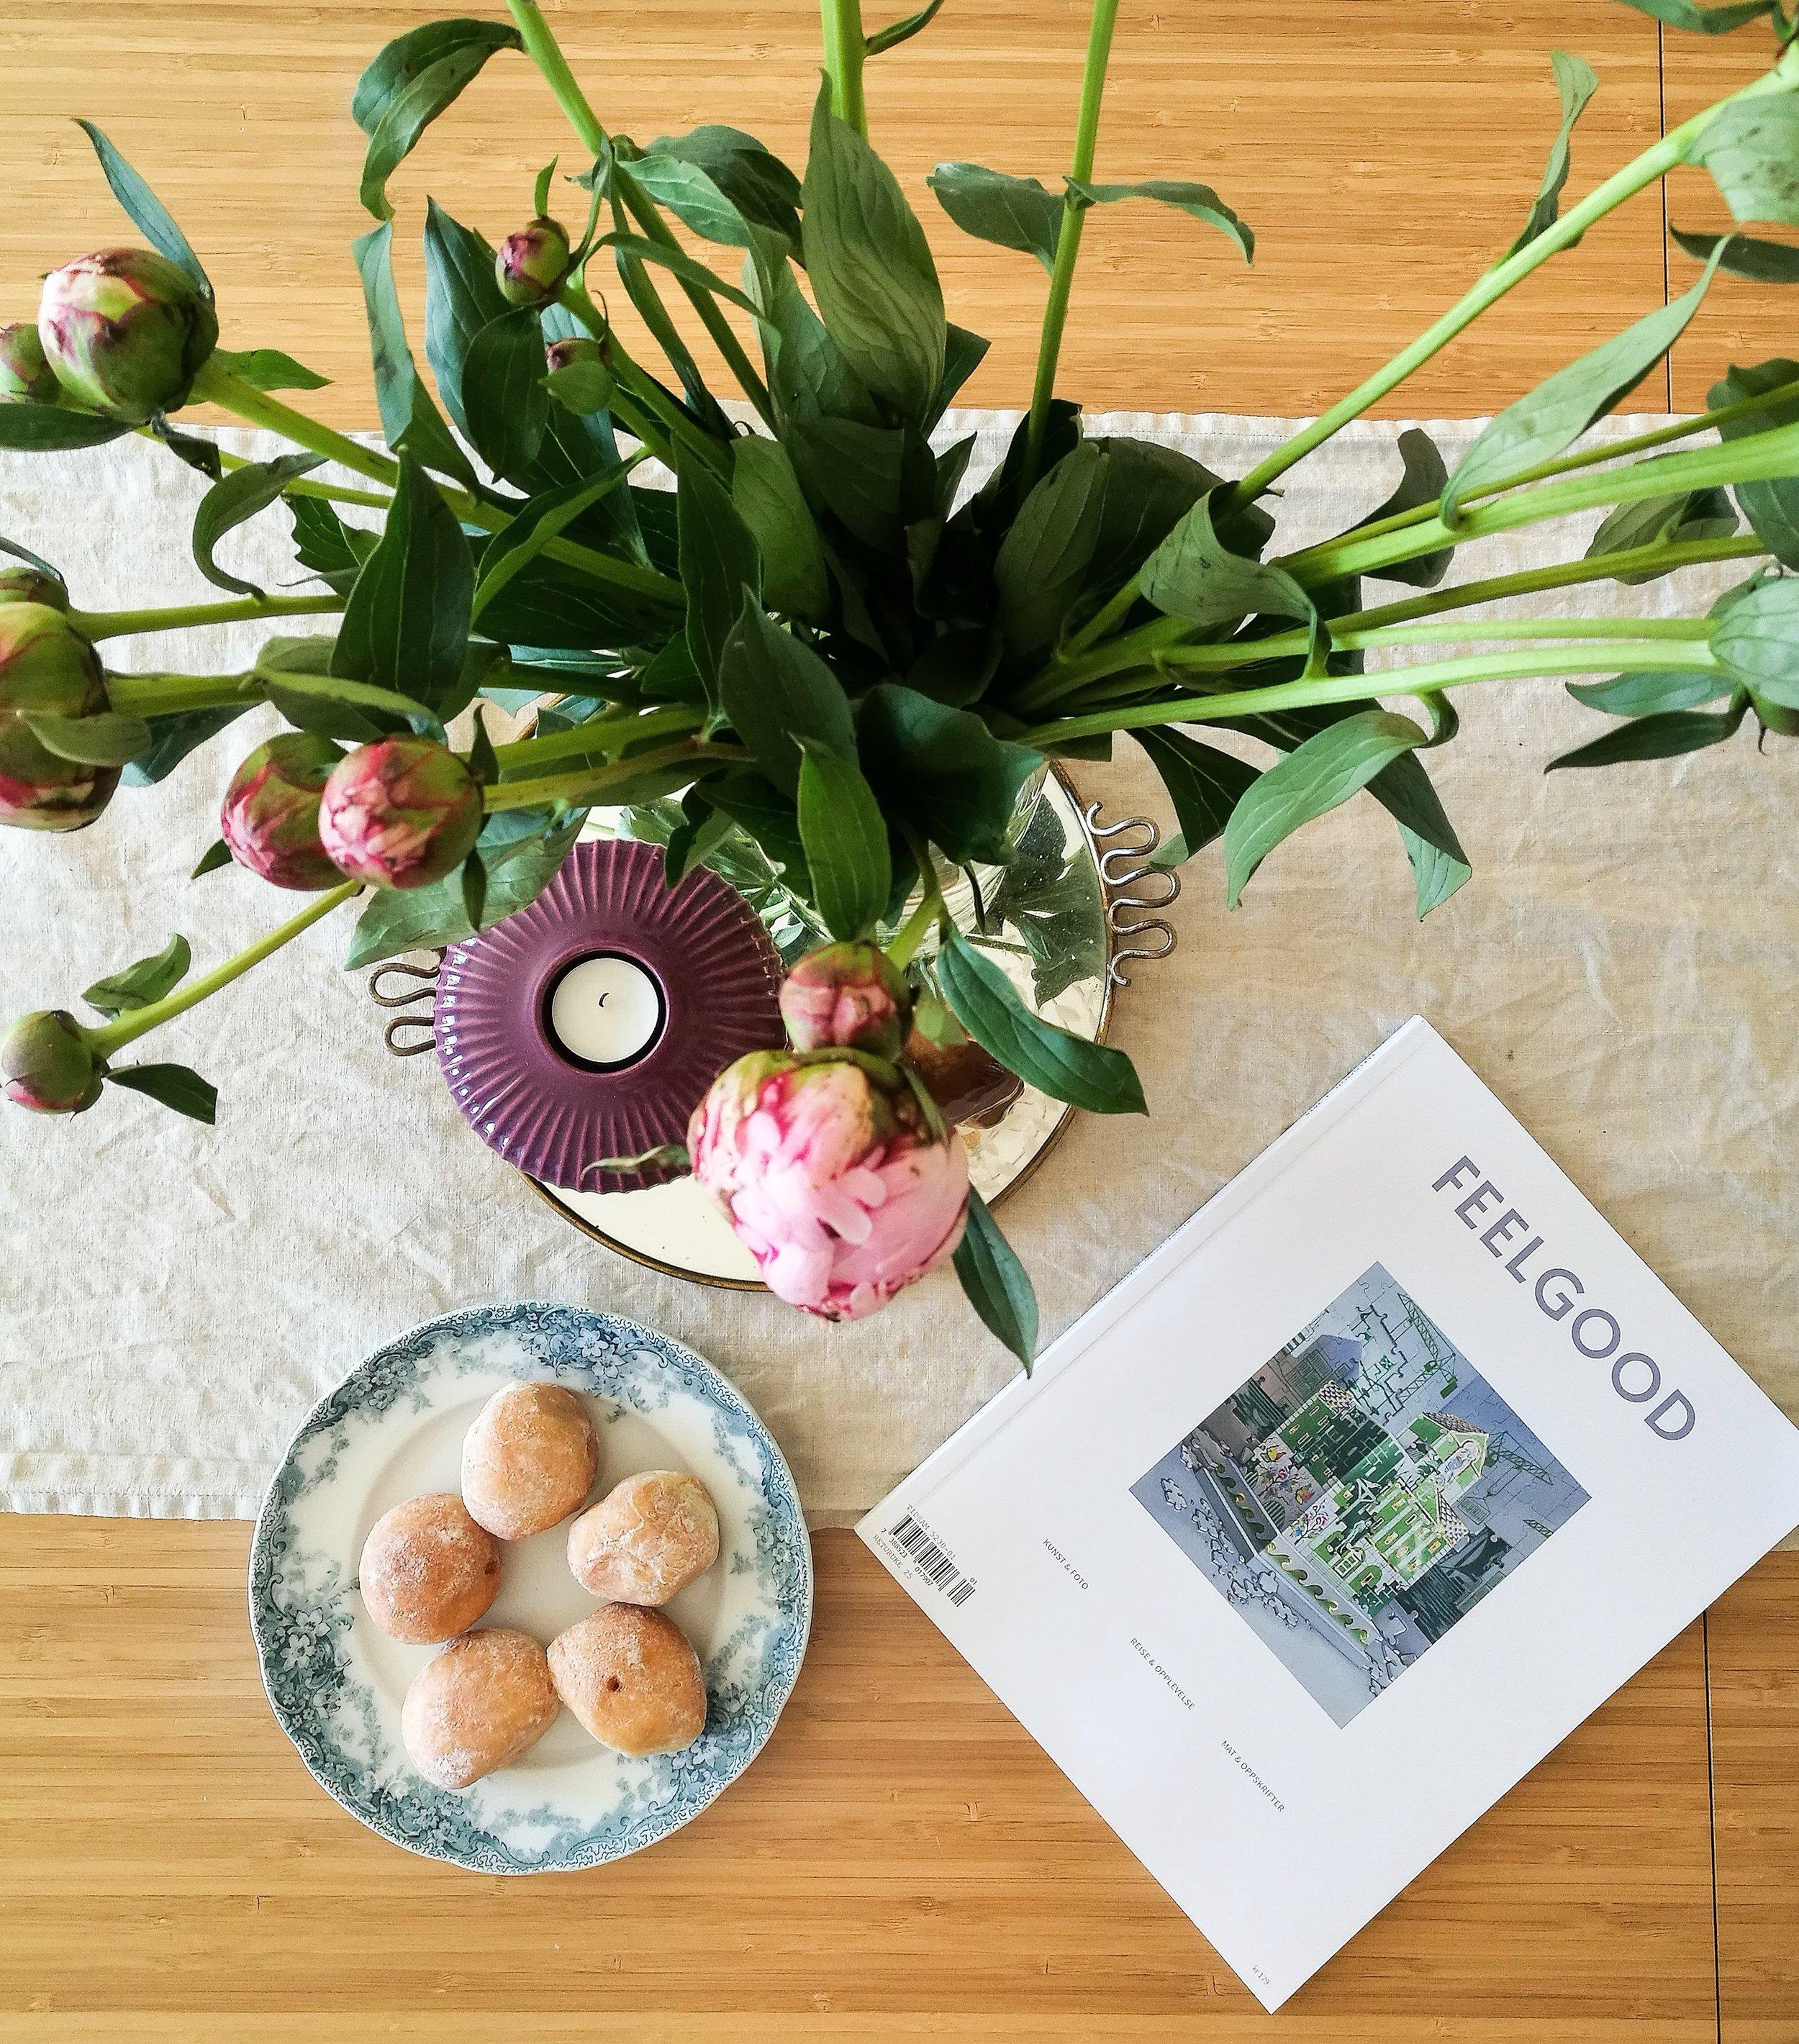 På bursdagen min hadde mamma og pappa bestilt frokost til meg, både croissanter, blomster, magasin og de nougatbollene du ser på bildet. Såå koselig!